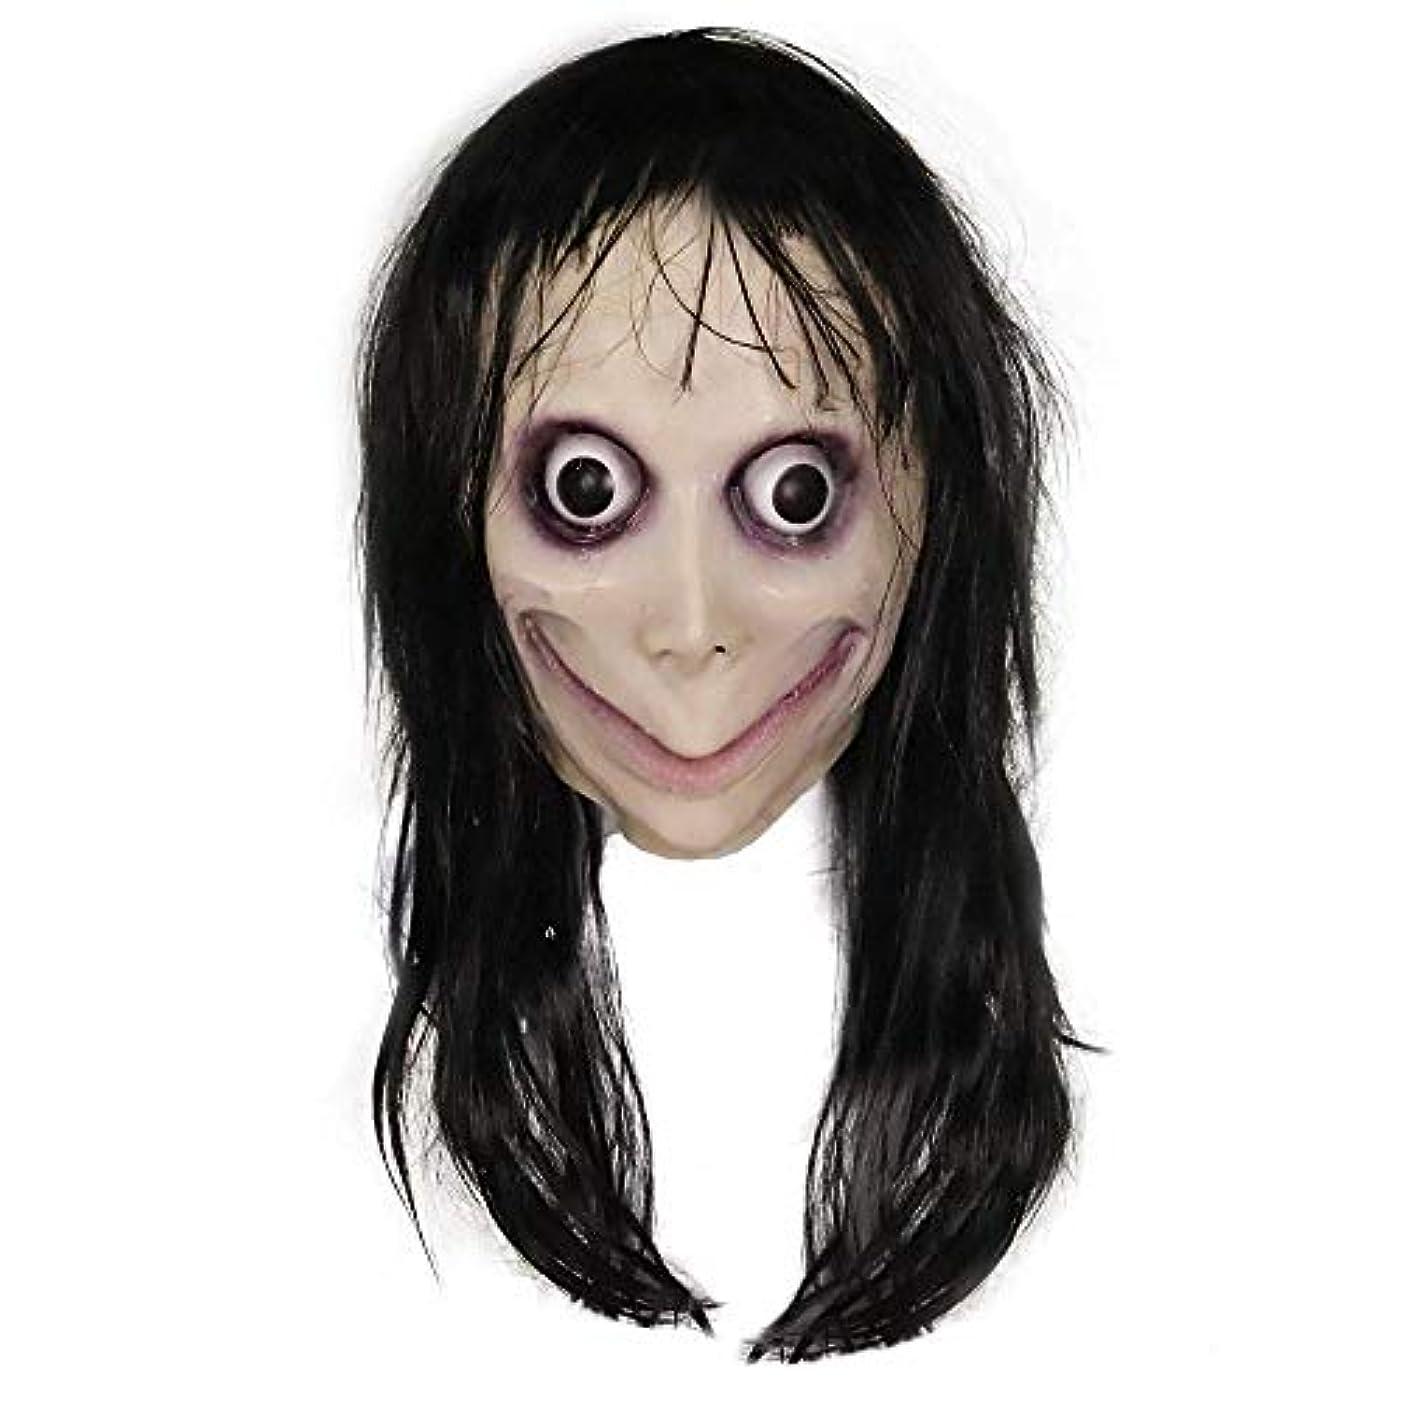 ウイルス抜け目がない人口不気味なマスク、髪怖いゲームモモマスク、ロールプレイング小道具マスク子供大人ホラー恐怖ゴーストヘルメットラテックスマスクファンシーボールハロウィーンパーティー